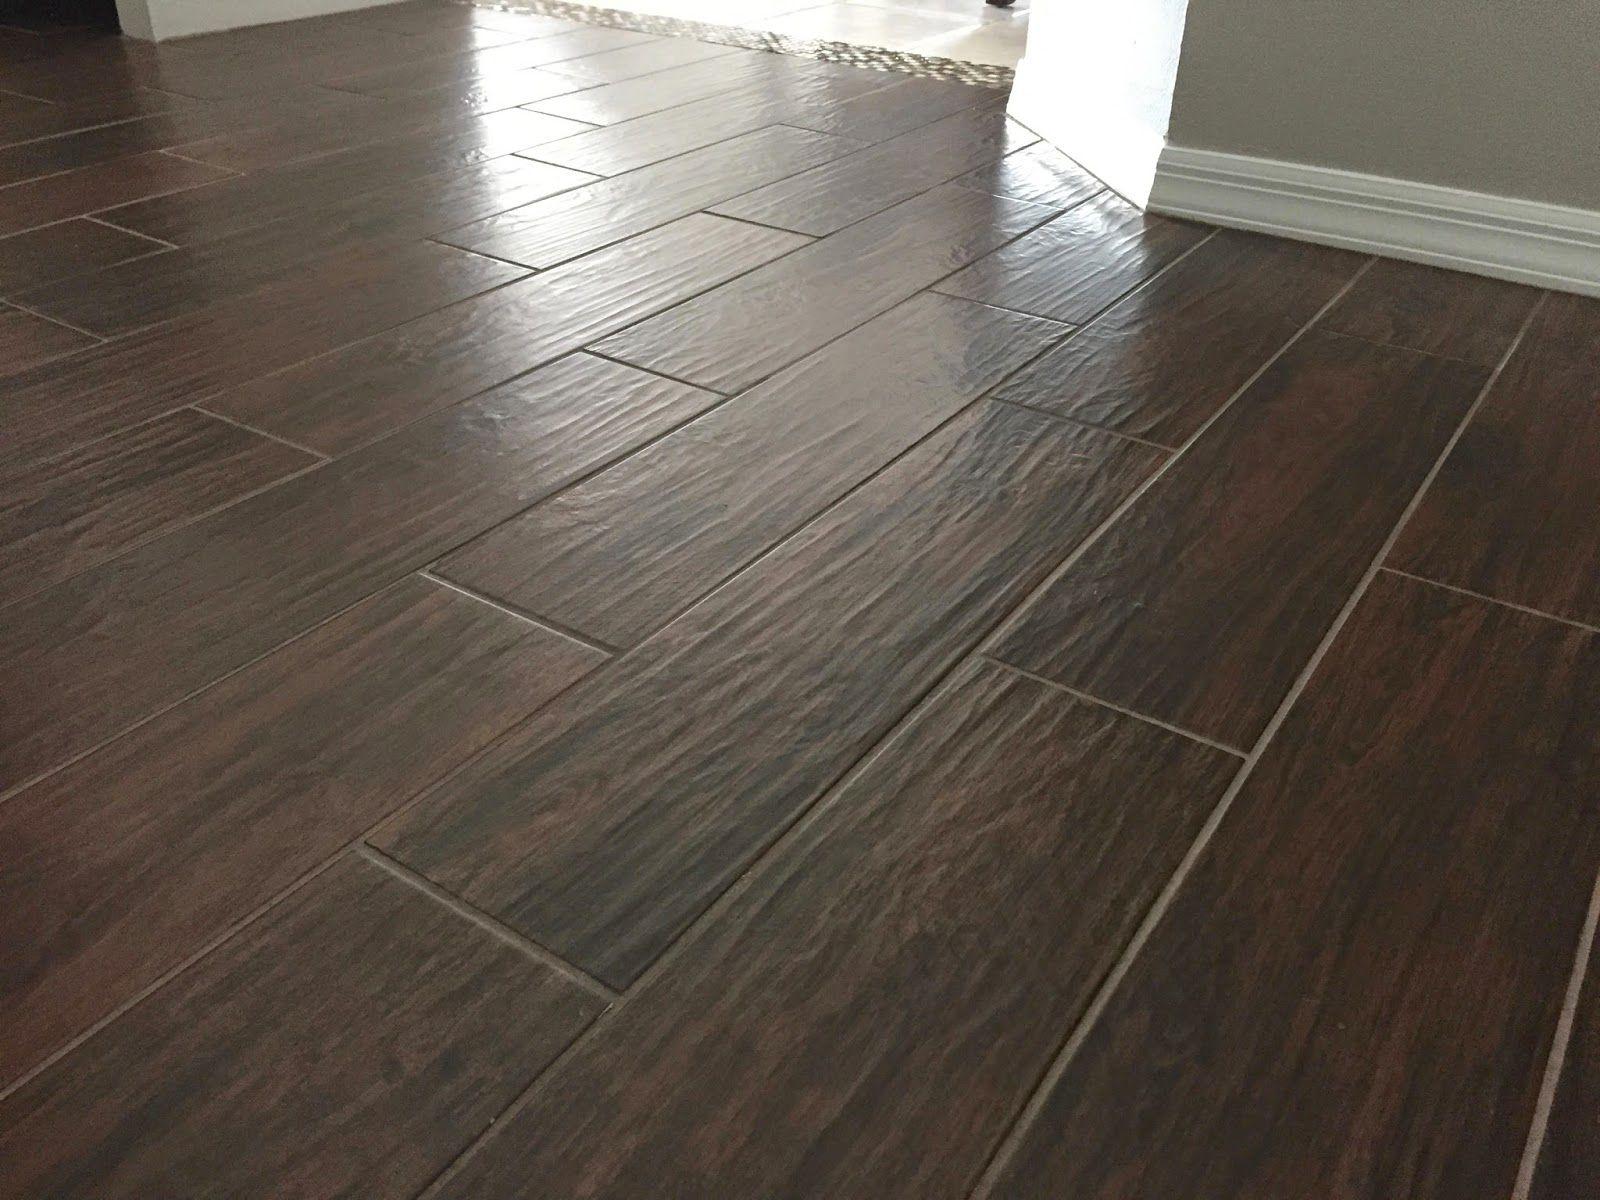 Wooden Floor Texture Flooring Floor Pinterest